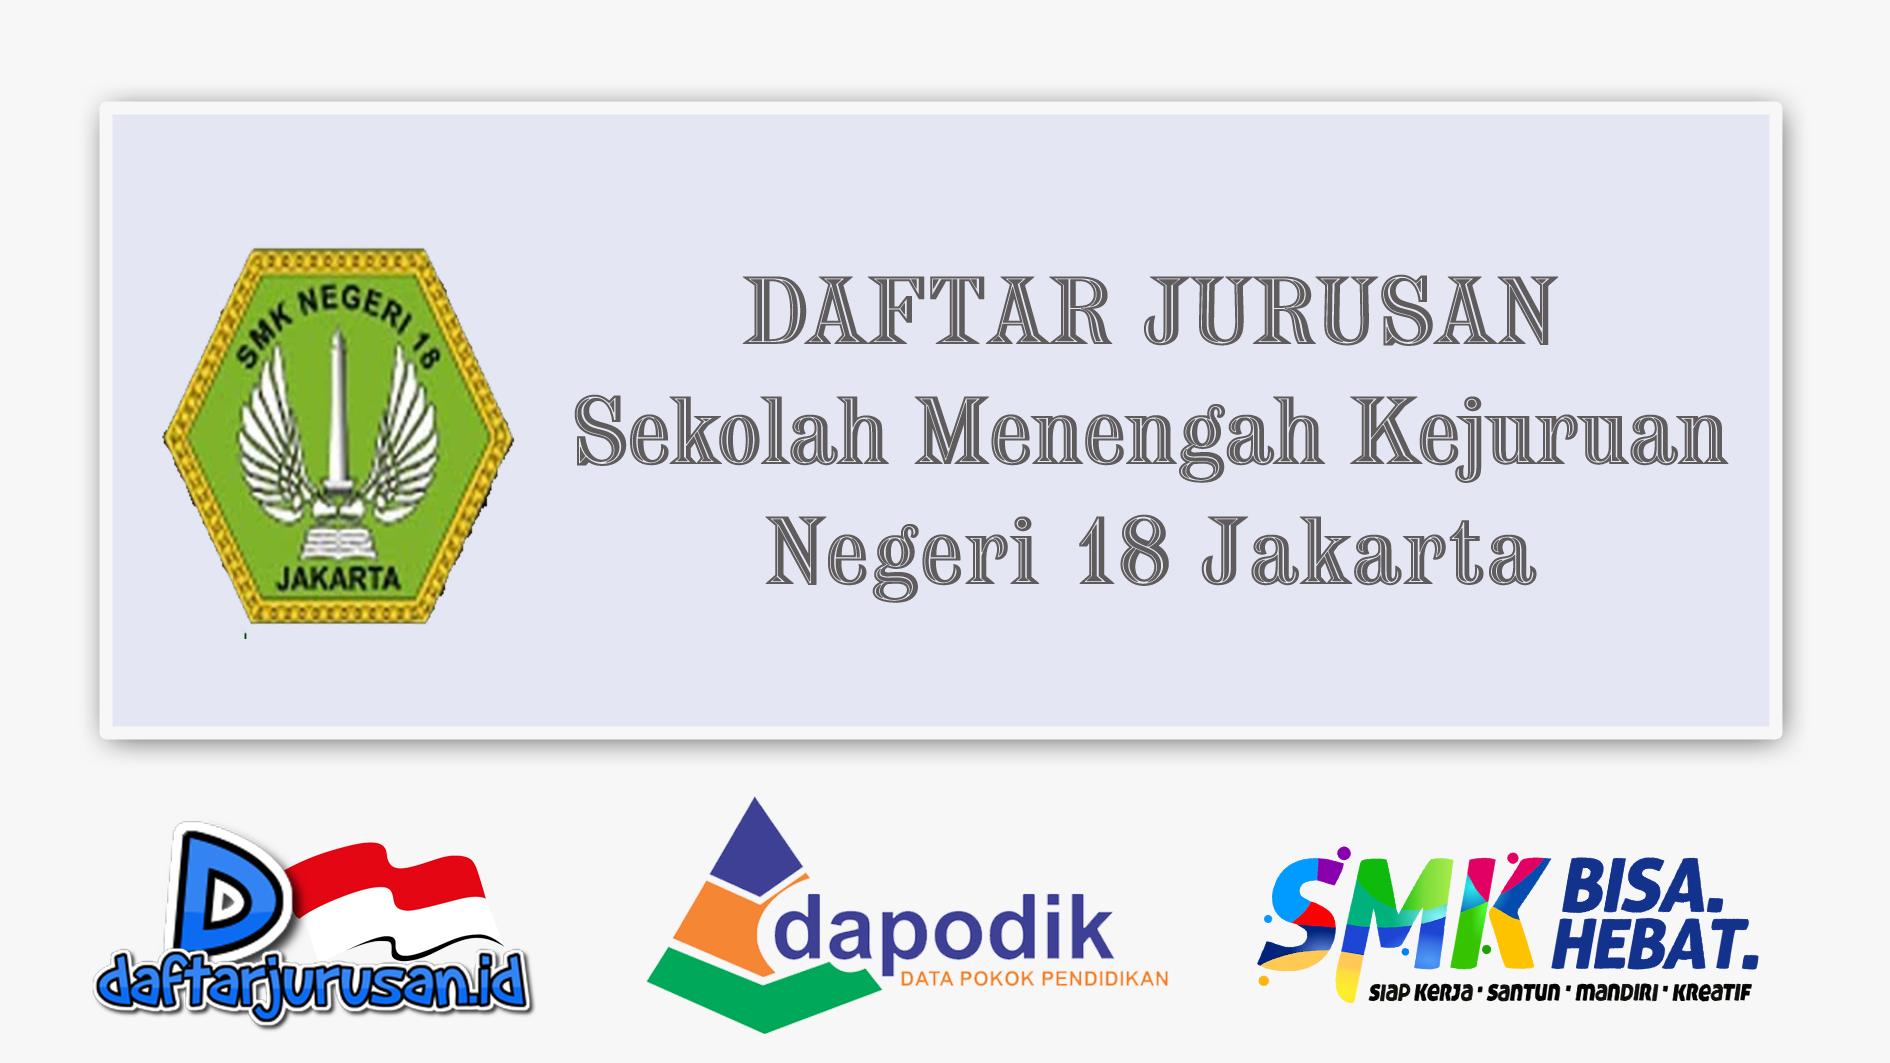 Daftar Jurusan SMK Negeri 18 Jakarta Selatan